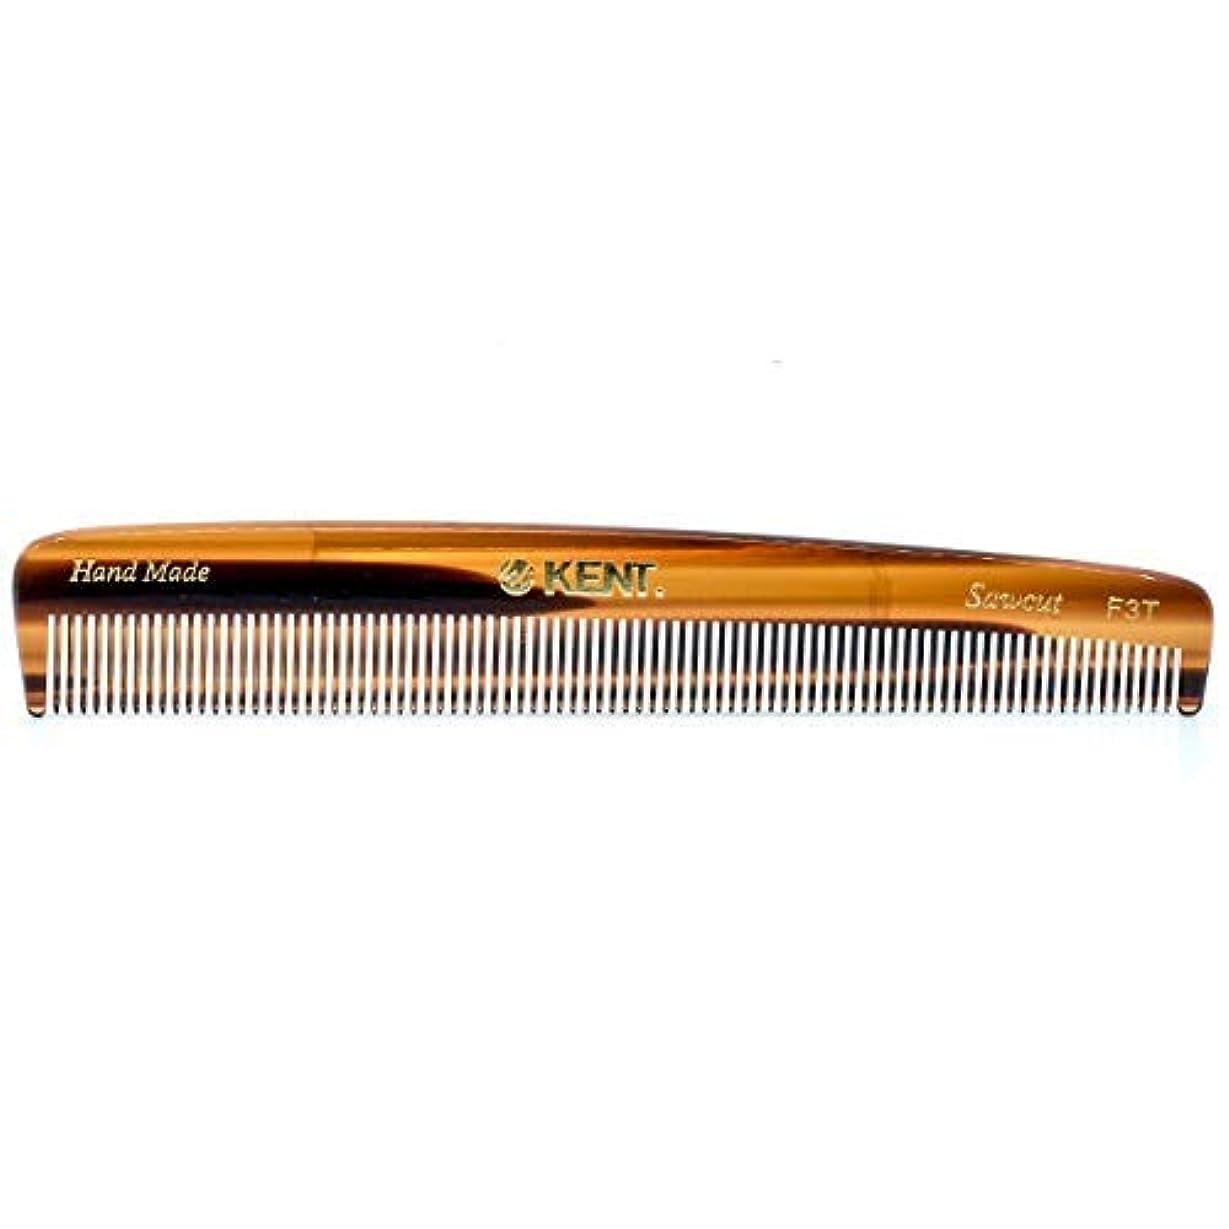 静めるきしむスカーフKent F3T The Hand Made - All Fine Dressing Comb 160mm/6.25 Inch [並行輸入品]